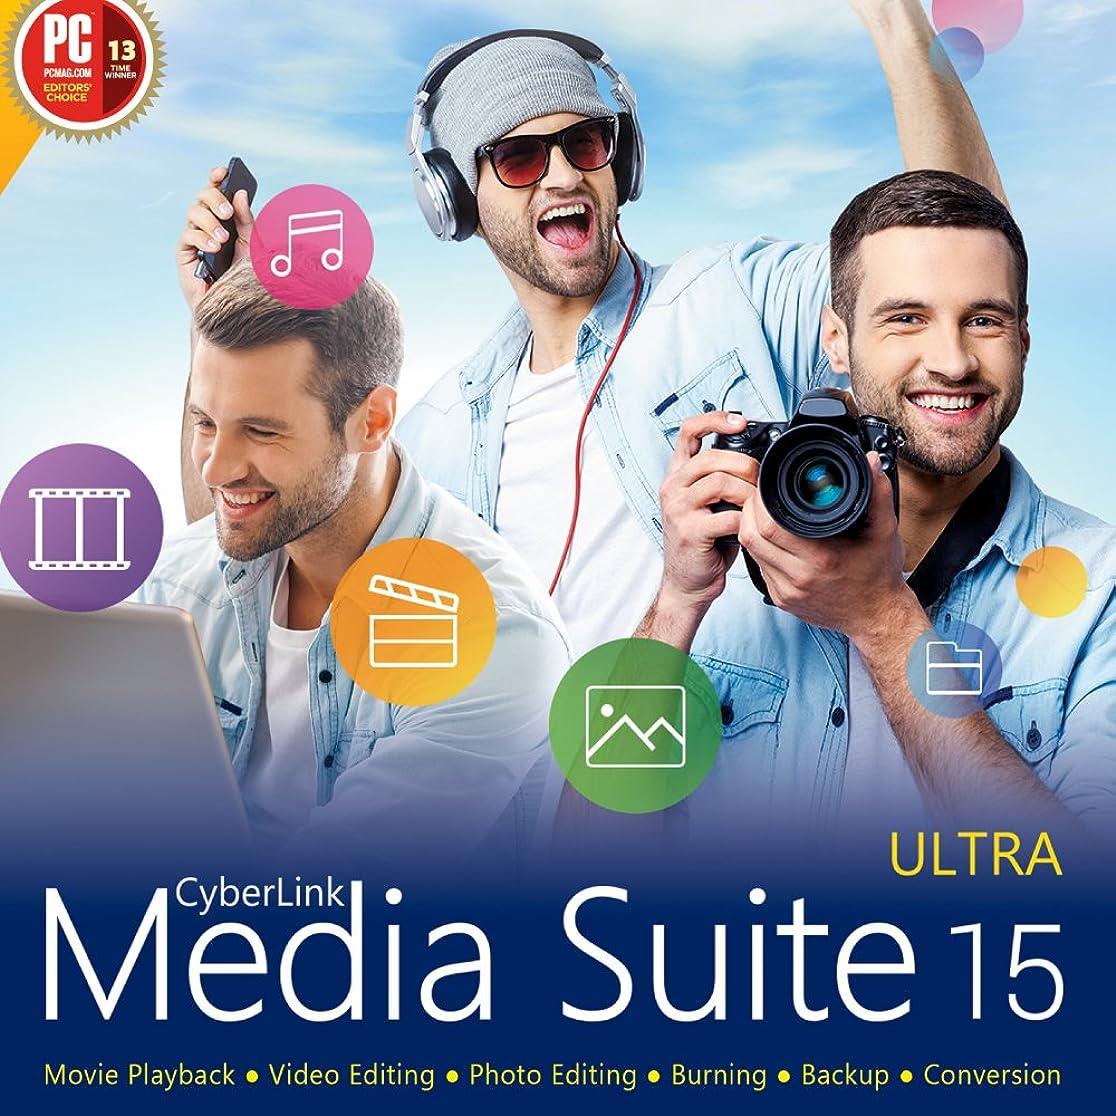 崩壊カートンパイCyberLink Media Suite 15 Ultra (最新)|ダウンロード版